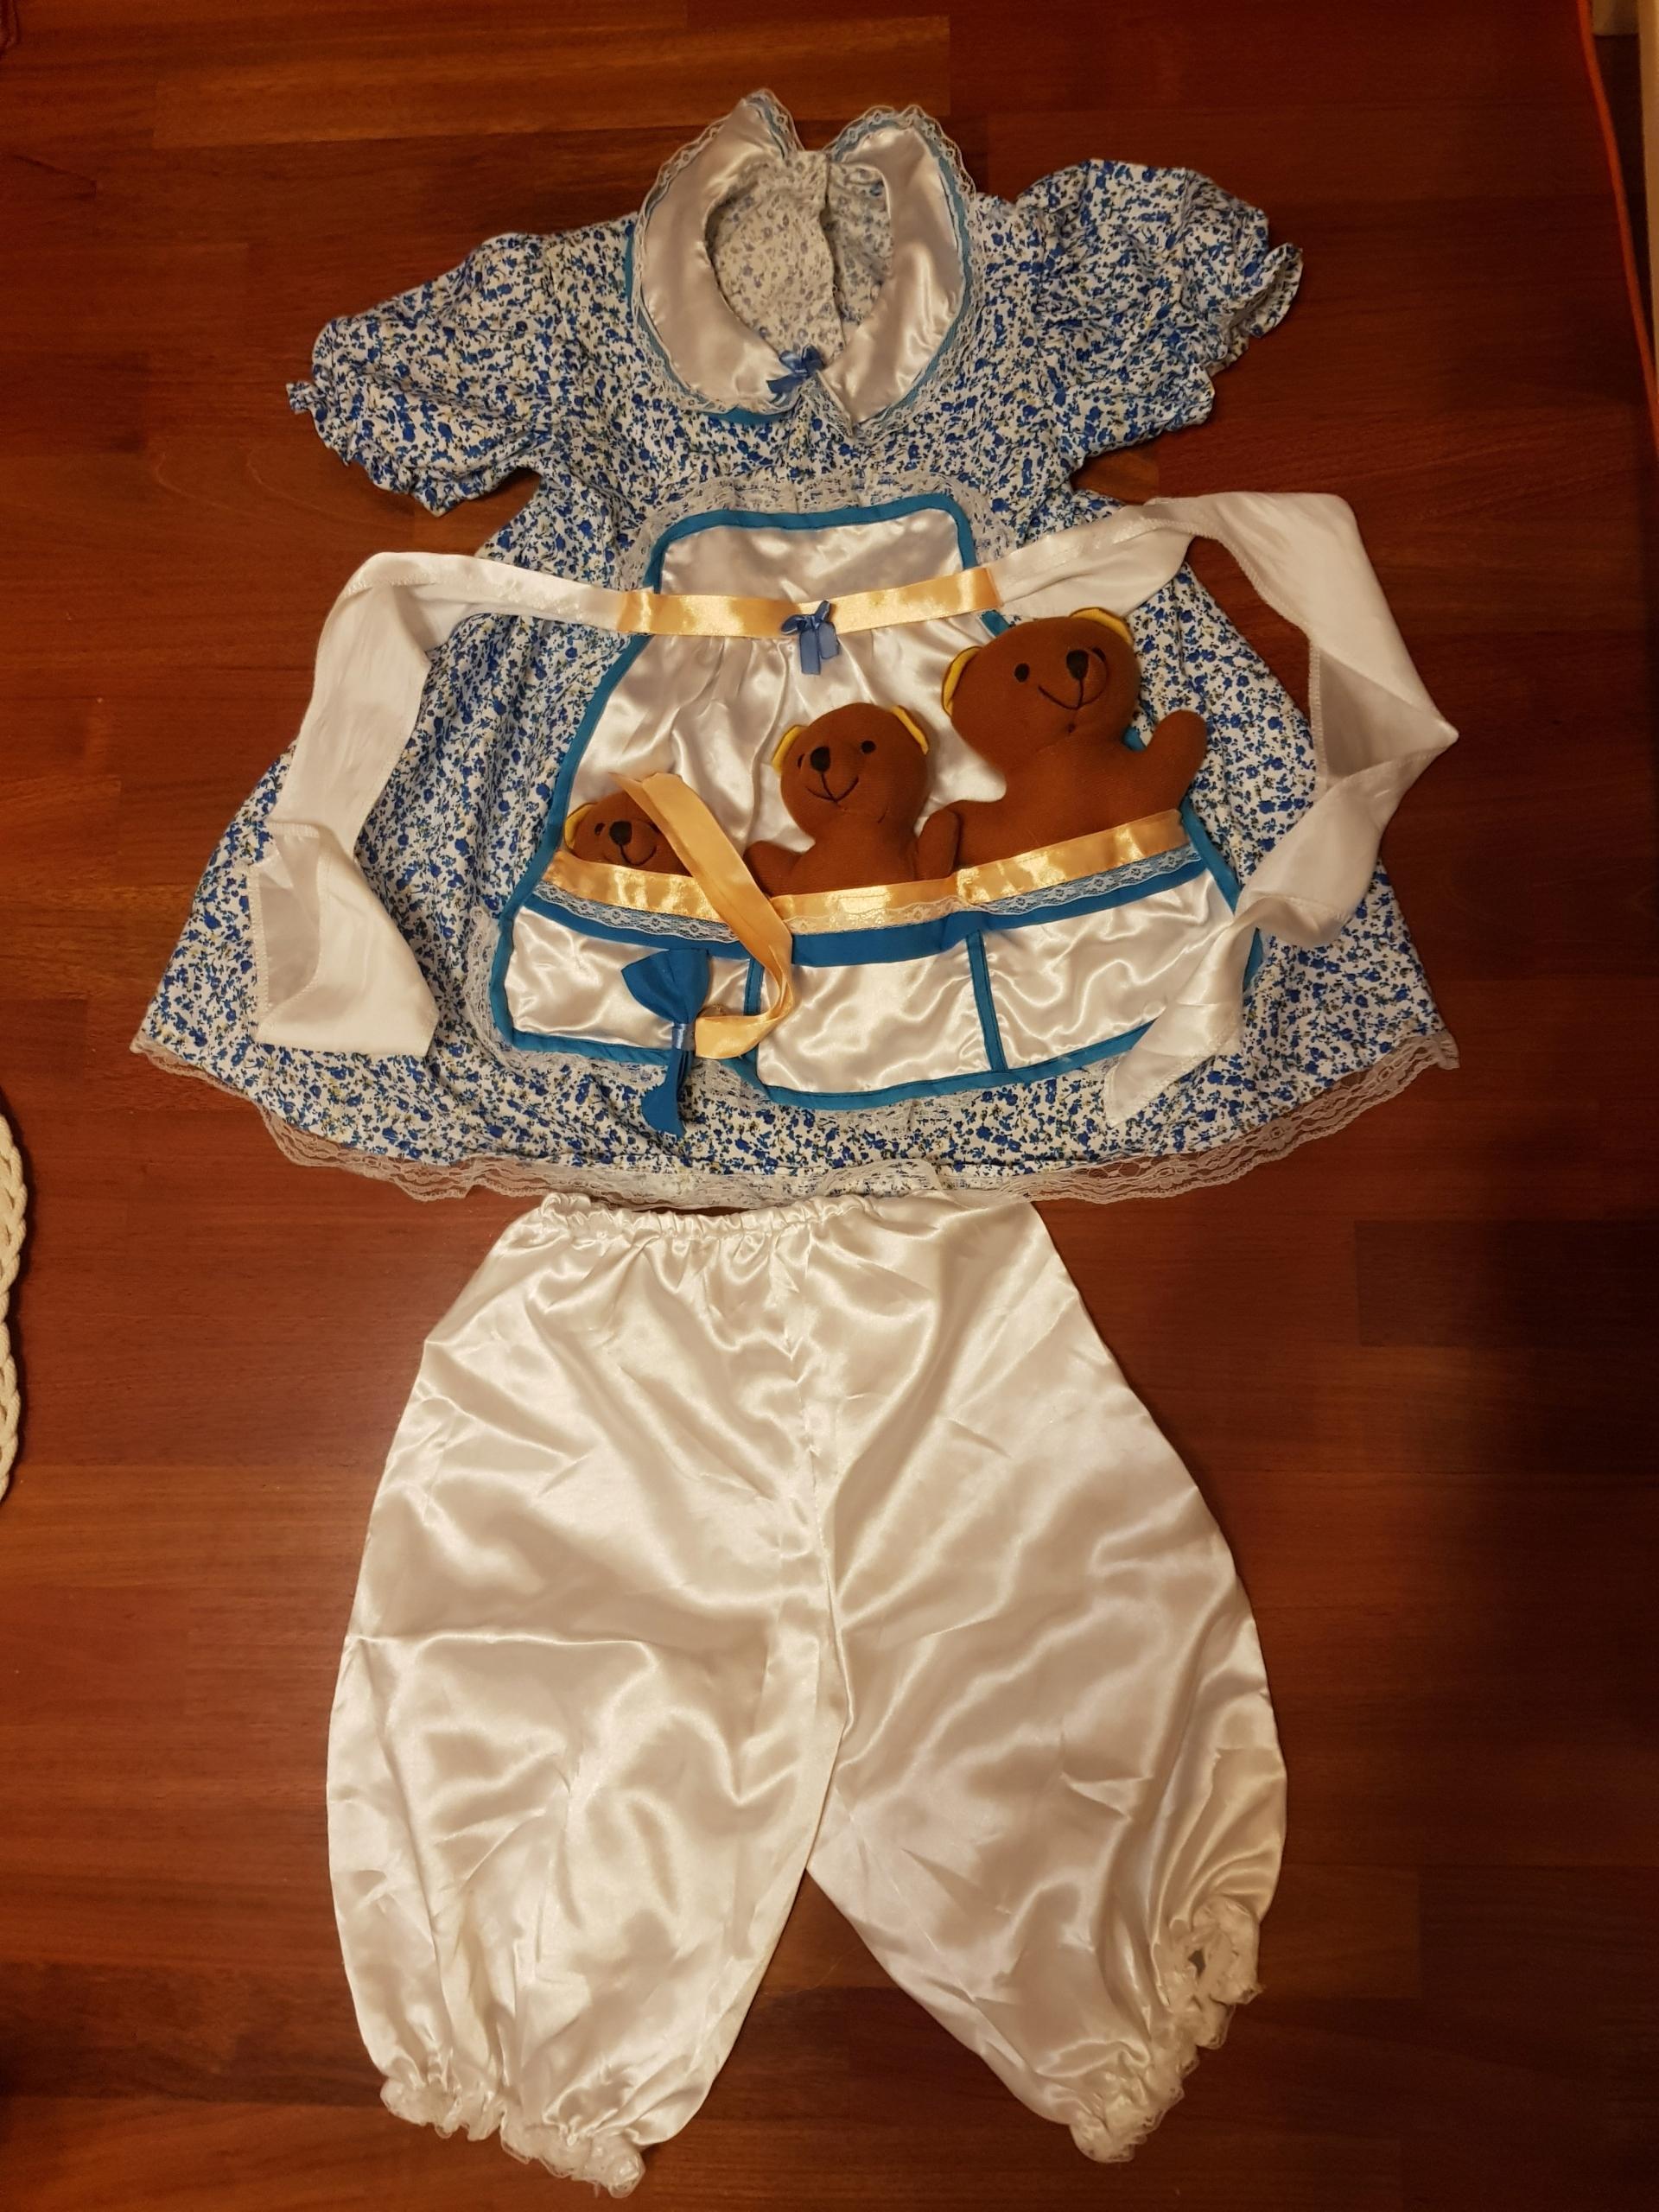 przebranie, stroj kostium Goldie Locks and 3 bears